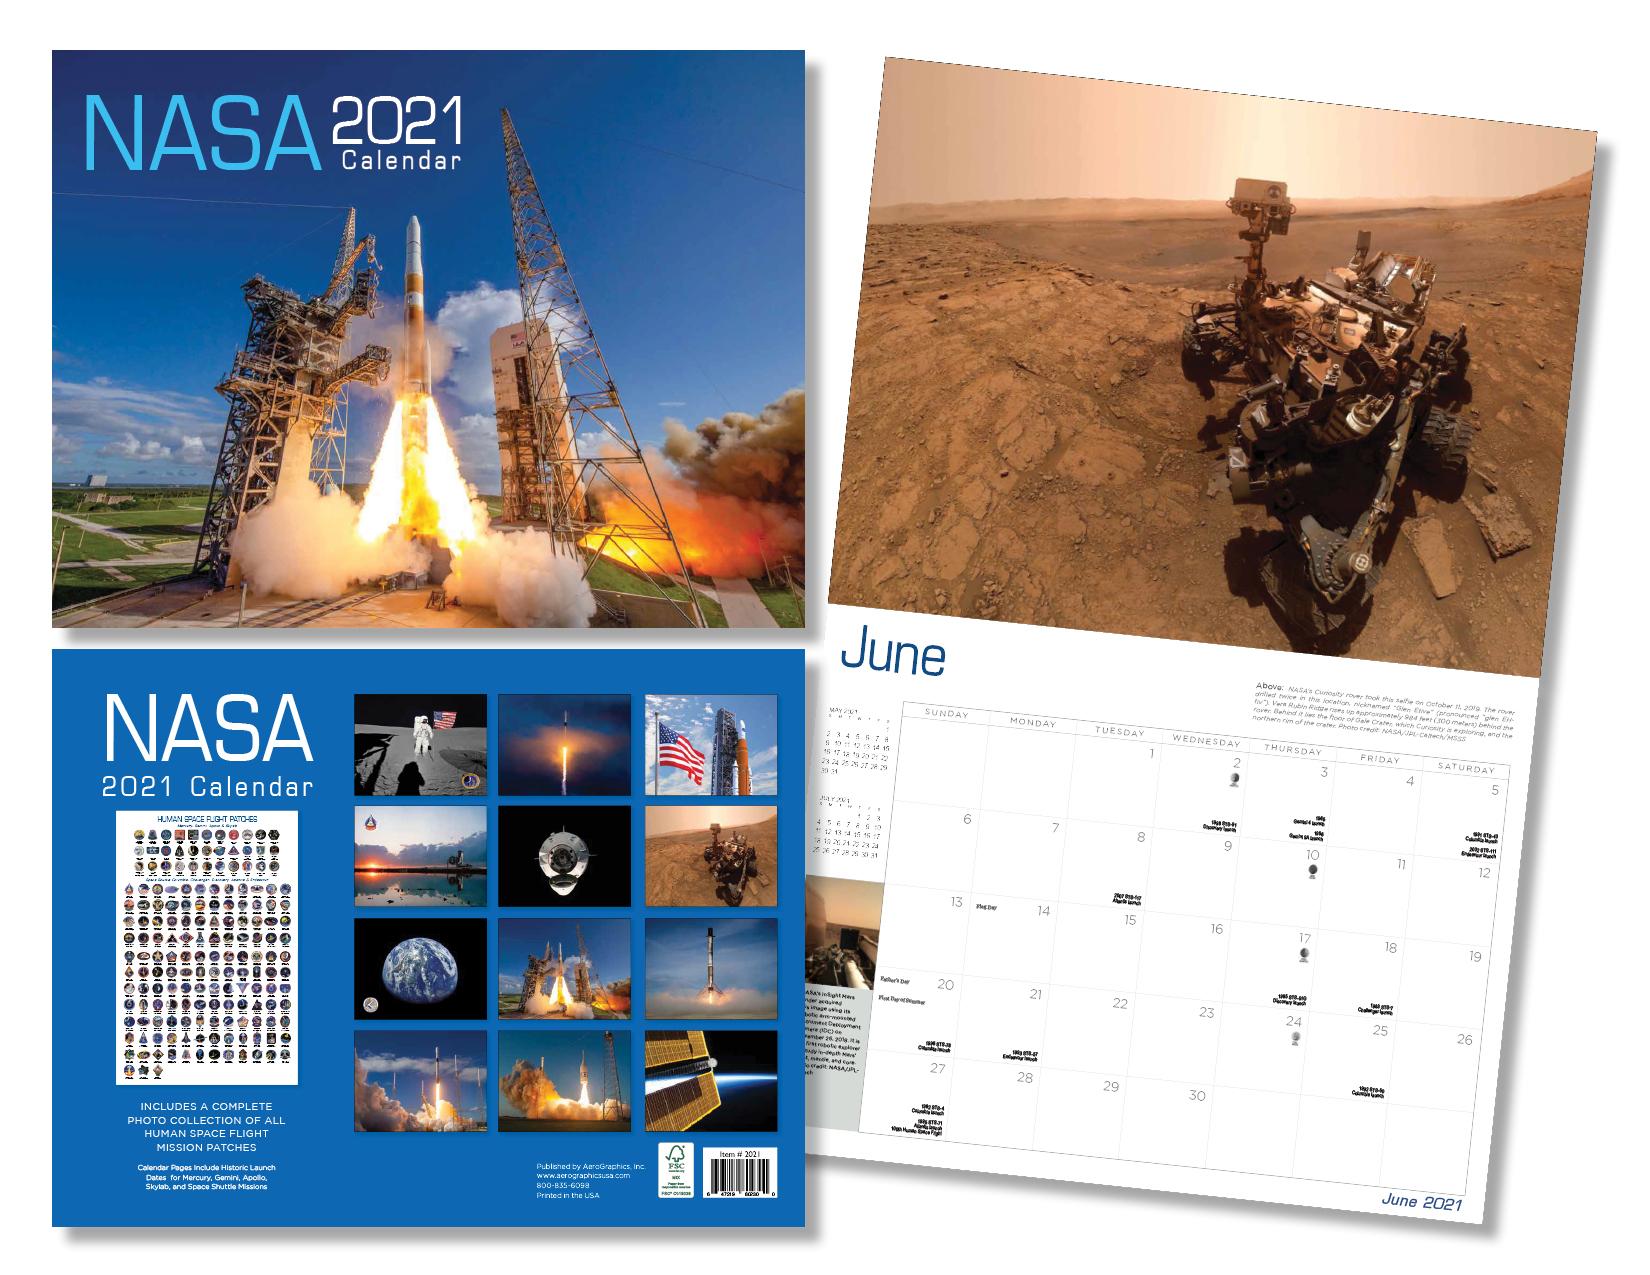 2021 NASA Calendar